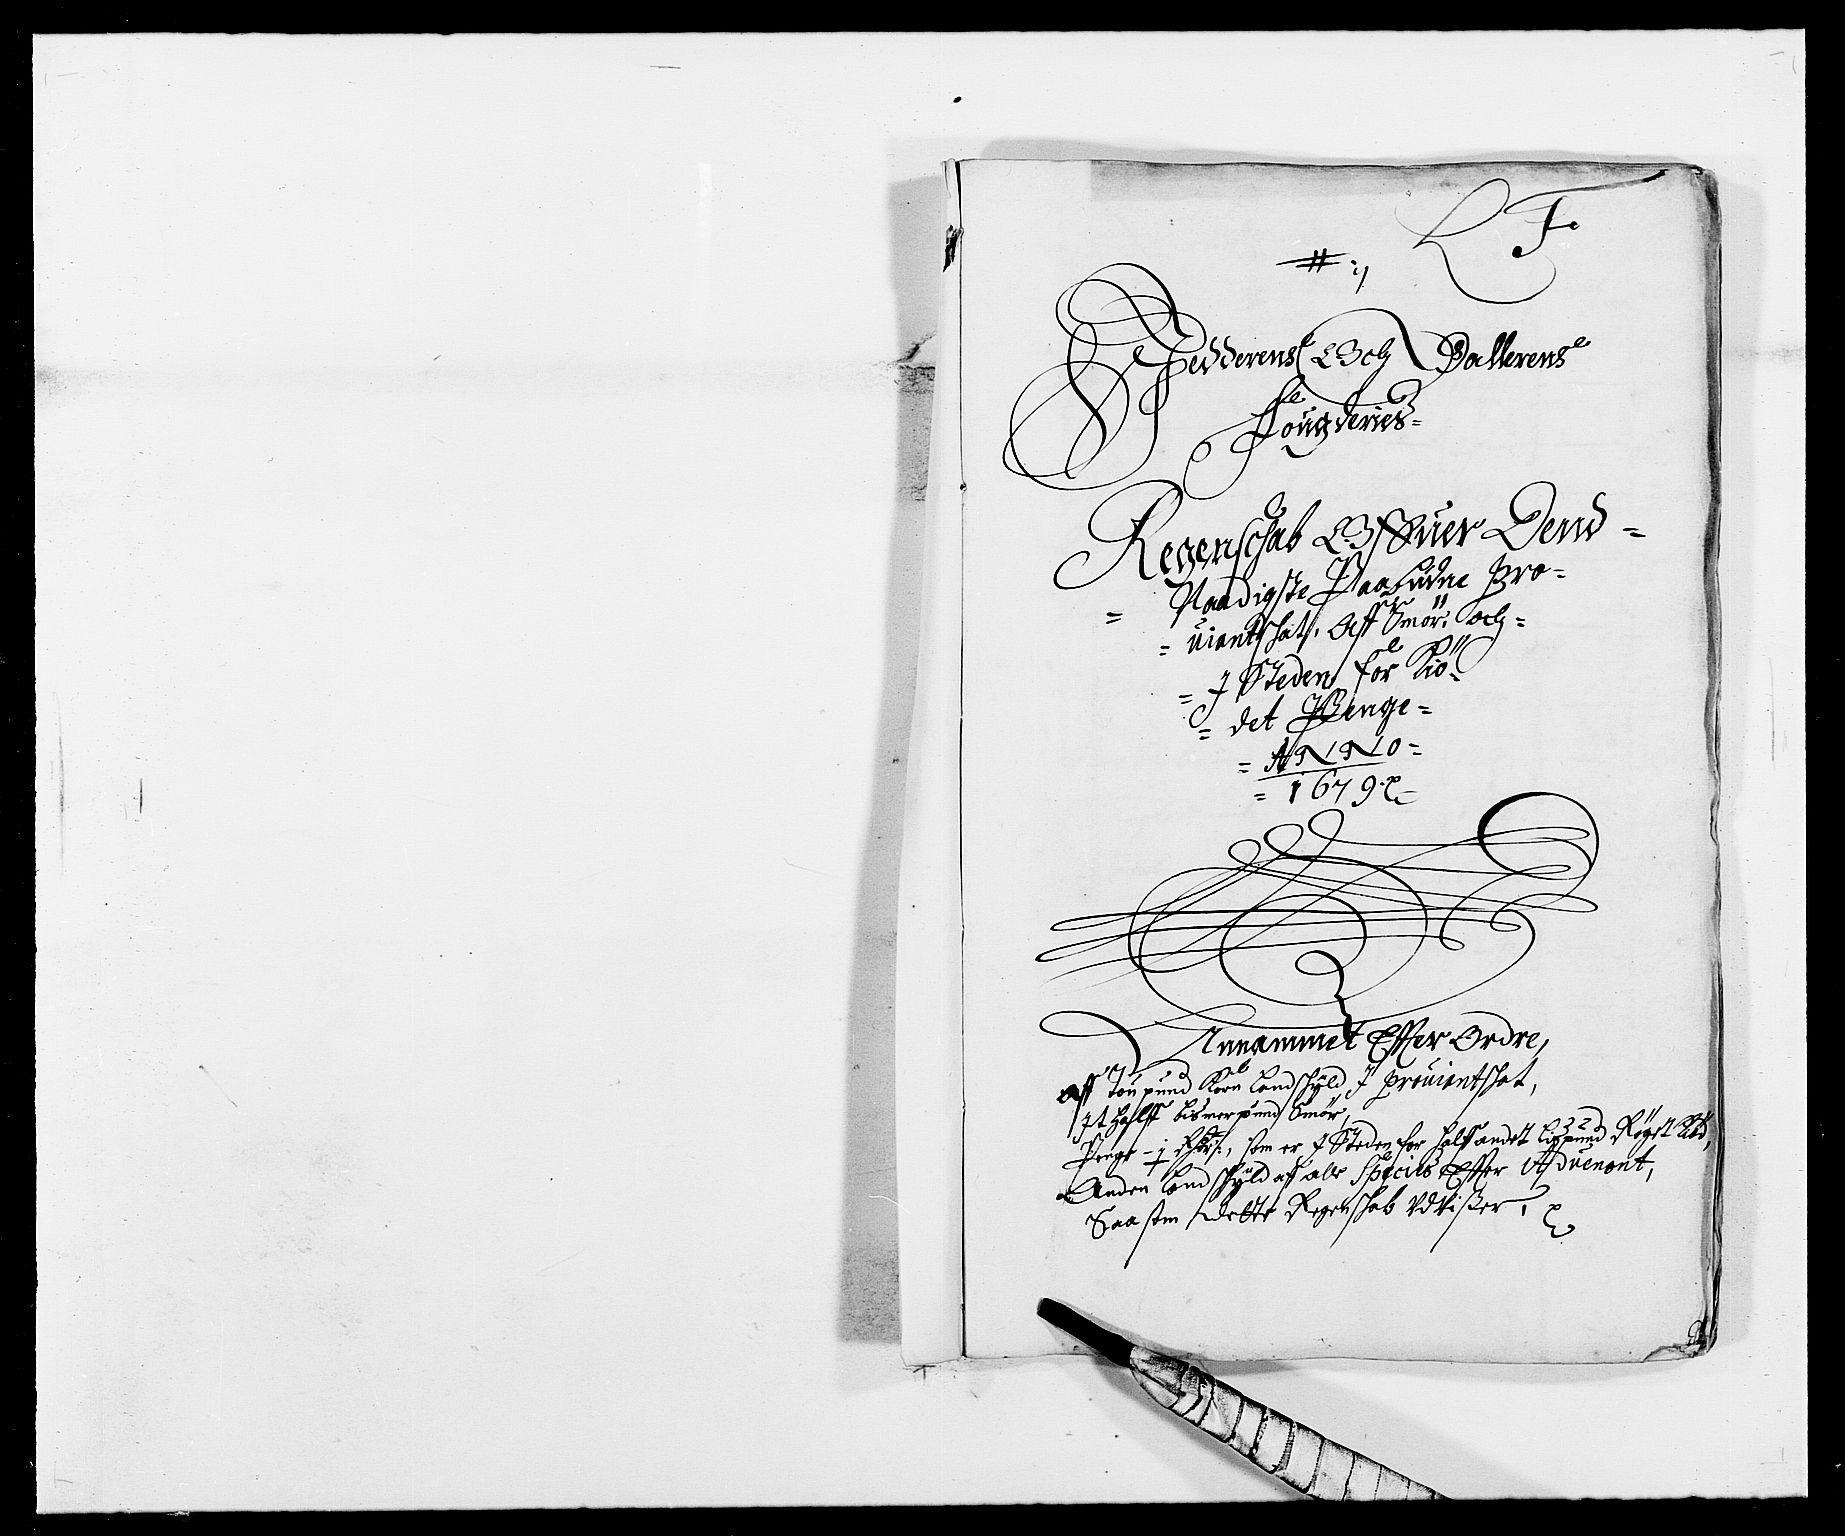 RA, Rentekammeret inntil 1814, Reviderte regnskaper, Fogderegnskap, R46/L2719: Fogderegnskap Jæren og Dalane, 1679, s. 191